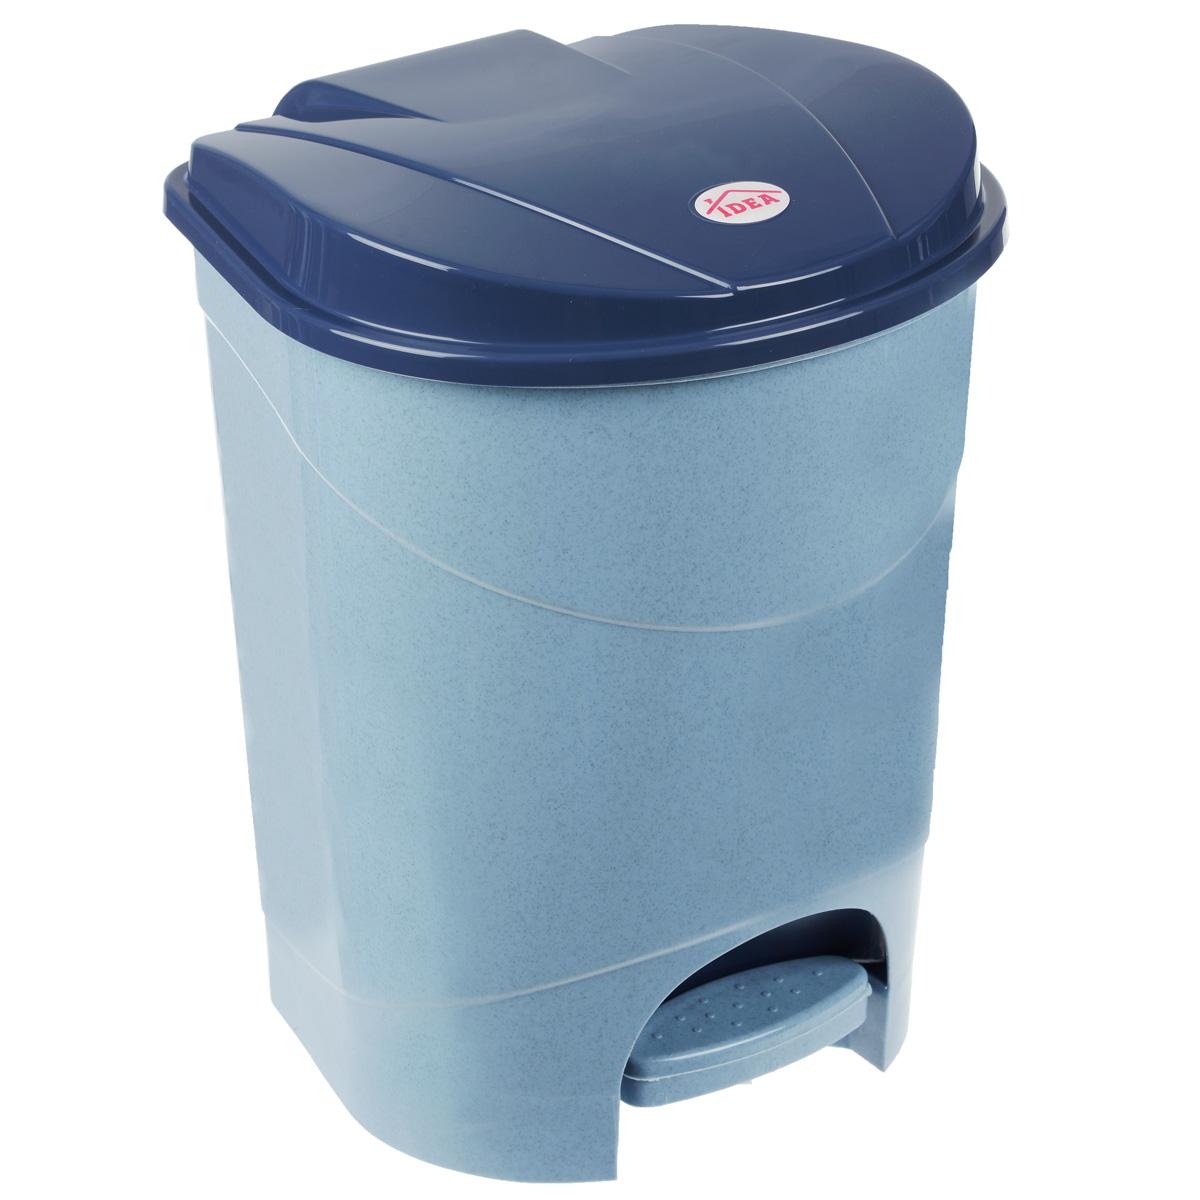 Контейнер для мусора Idea, с педалью, цвет: голубой мрамор, 7 л68/5/3Мусорный контейнер Idea, выполненный из прочного пластика, не боится ударов и долгих лет использования. Изделие оснащено педалью, с помощью которой можно открыть крышку. Закрывается крышка практически бесшумно, плотно прилегает, предотвращая распространение запаха. Внутри пластиковая емкость для мусора, которую при необходимости можно достать из контейнера. Интересный дизайн разнообразит интерьер кухни и сделает его более оригинальным.